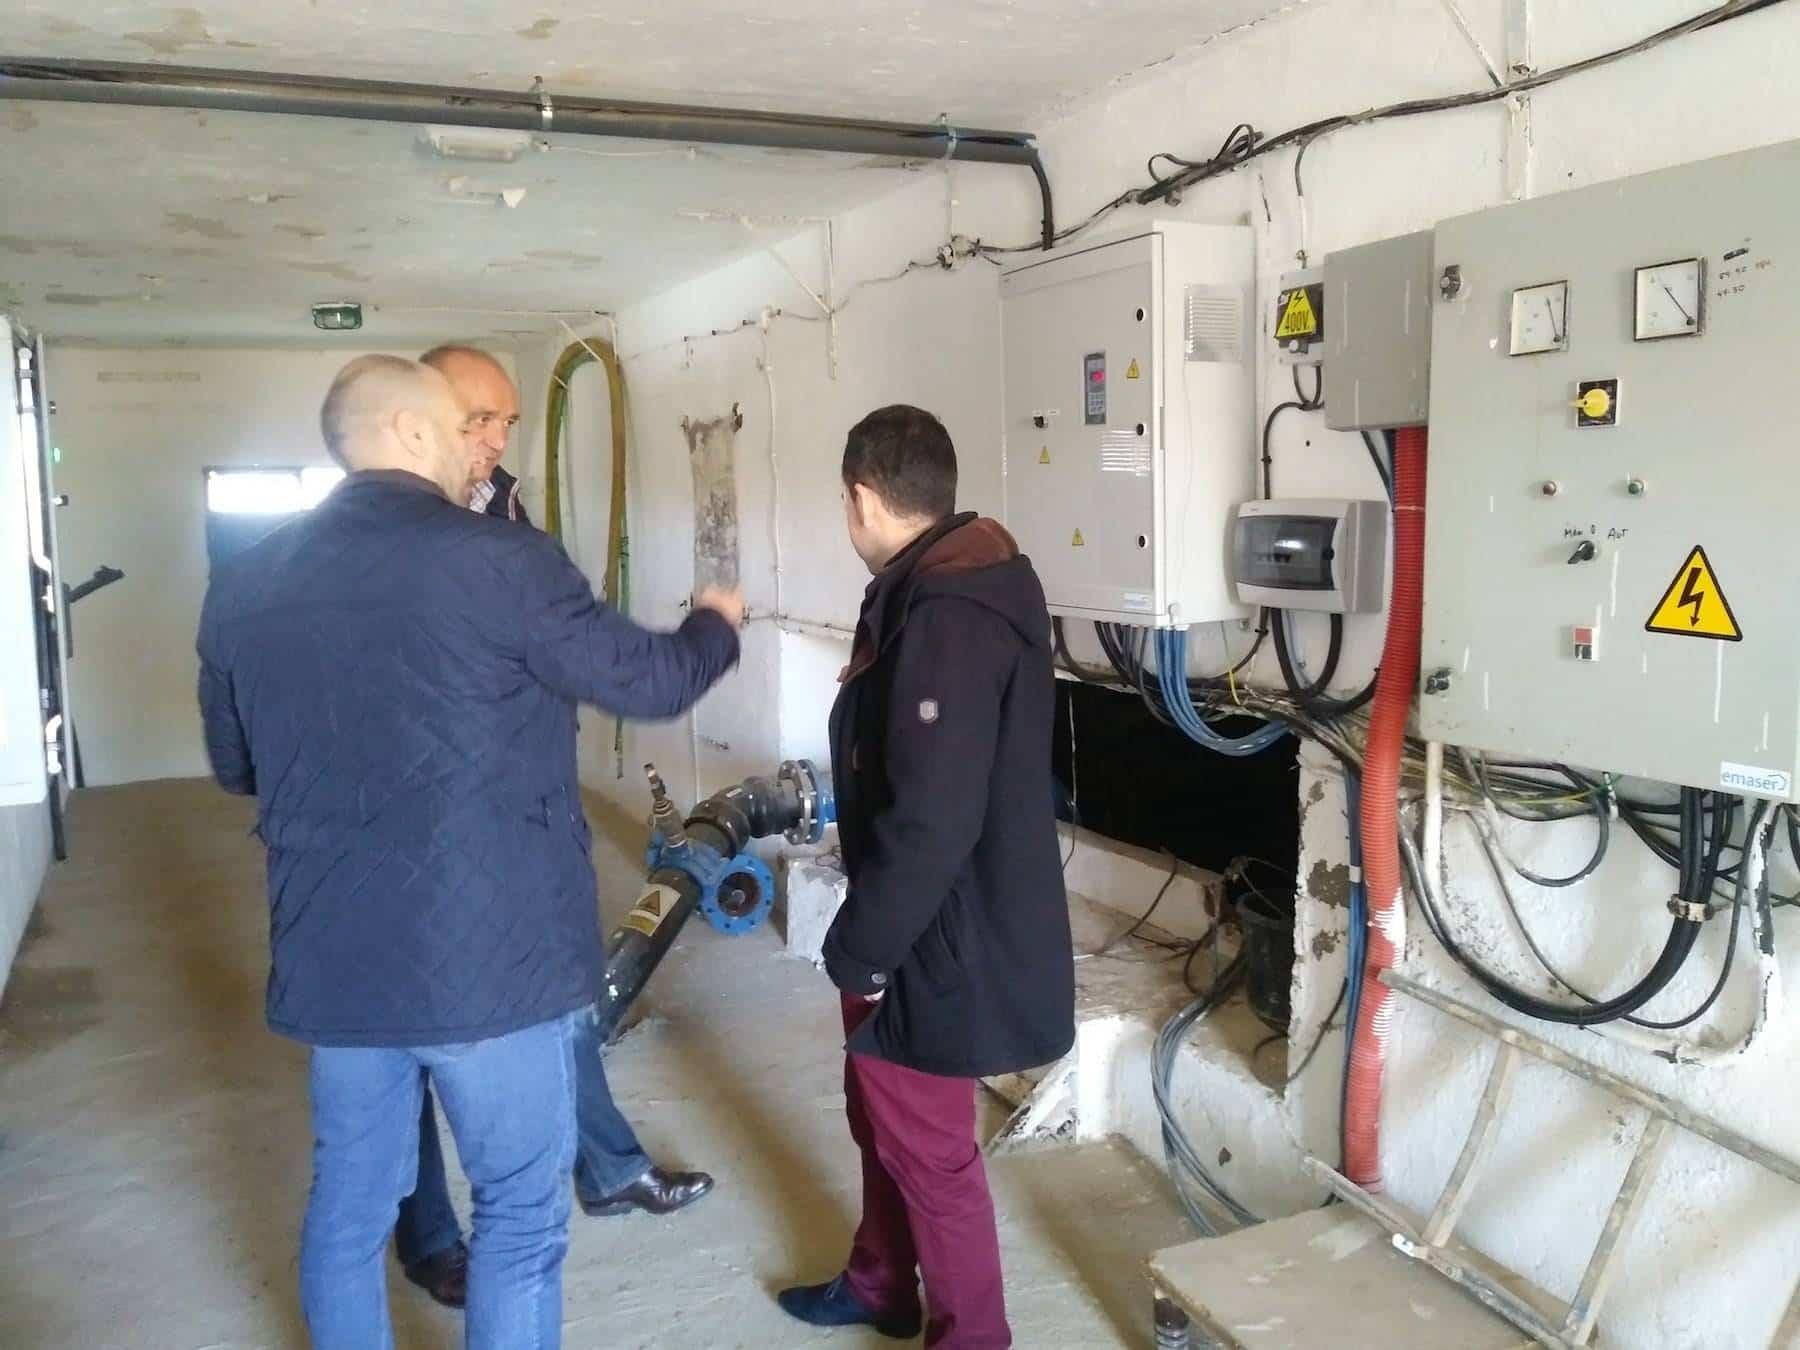 Mejoras en la eficiencia energética y disminución dei impacto ambiental en La Juncada 2